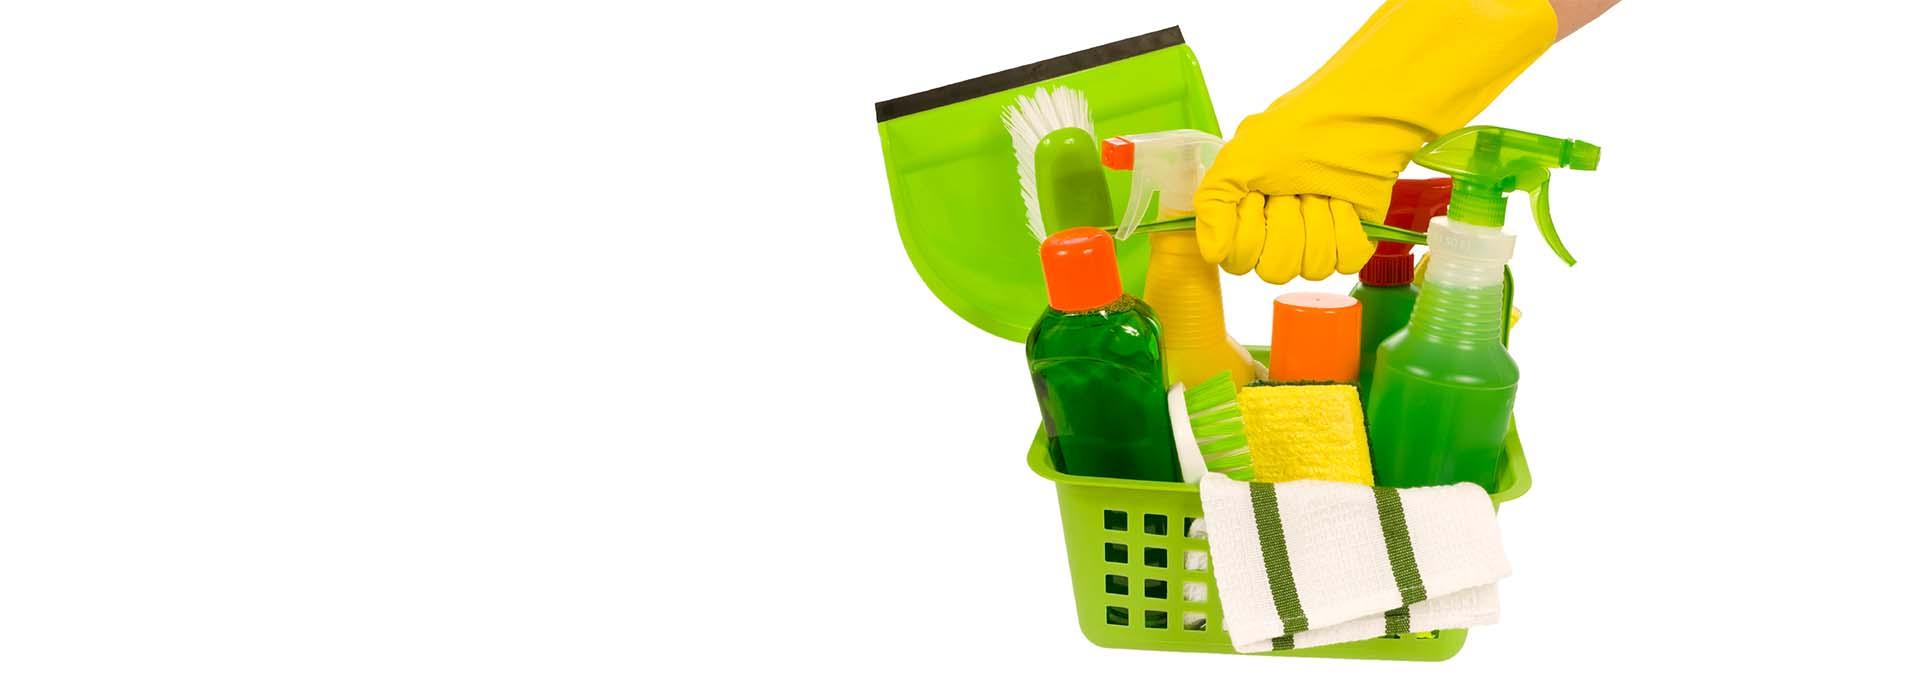 Είδη καθαρισμού - χαρτικά